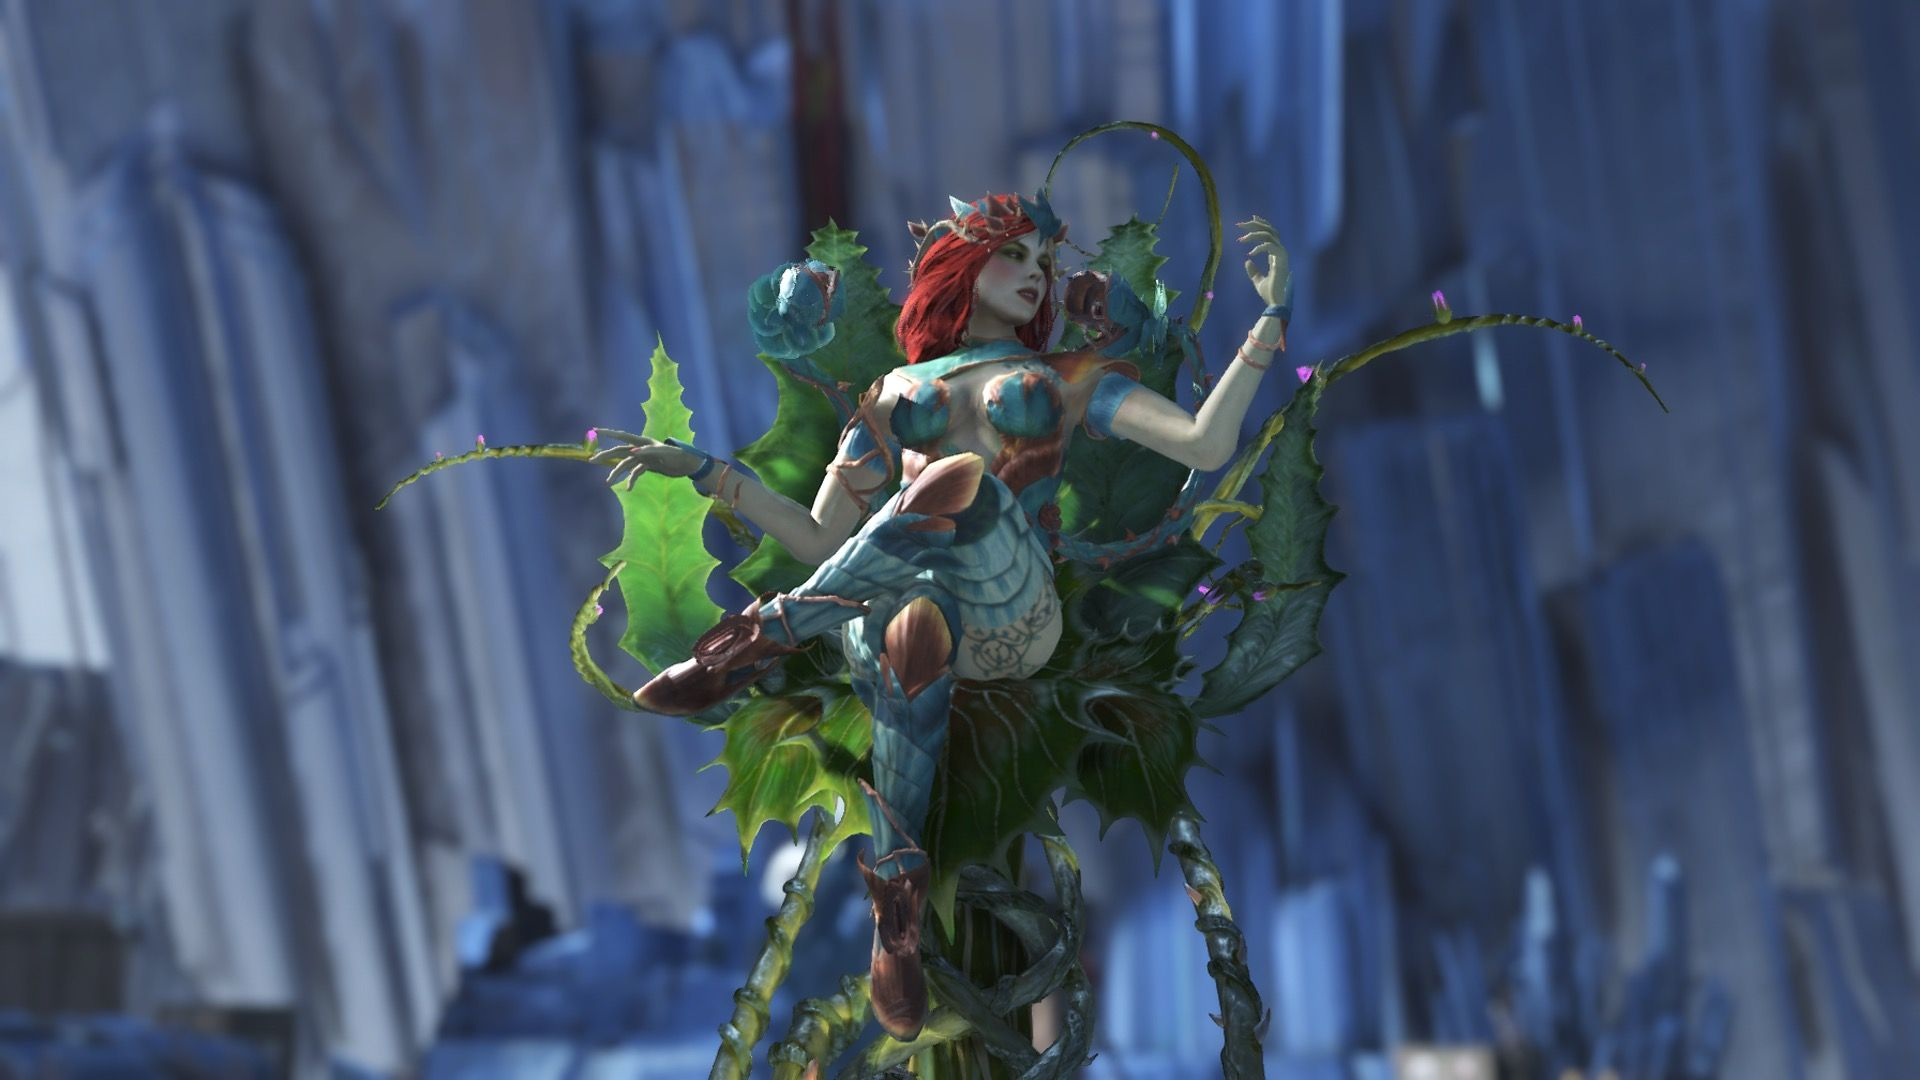 Injustice 2 Poison Ivy Poison Ivy Ivy Gotham City